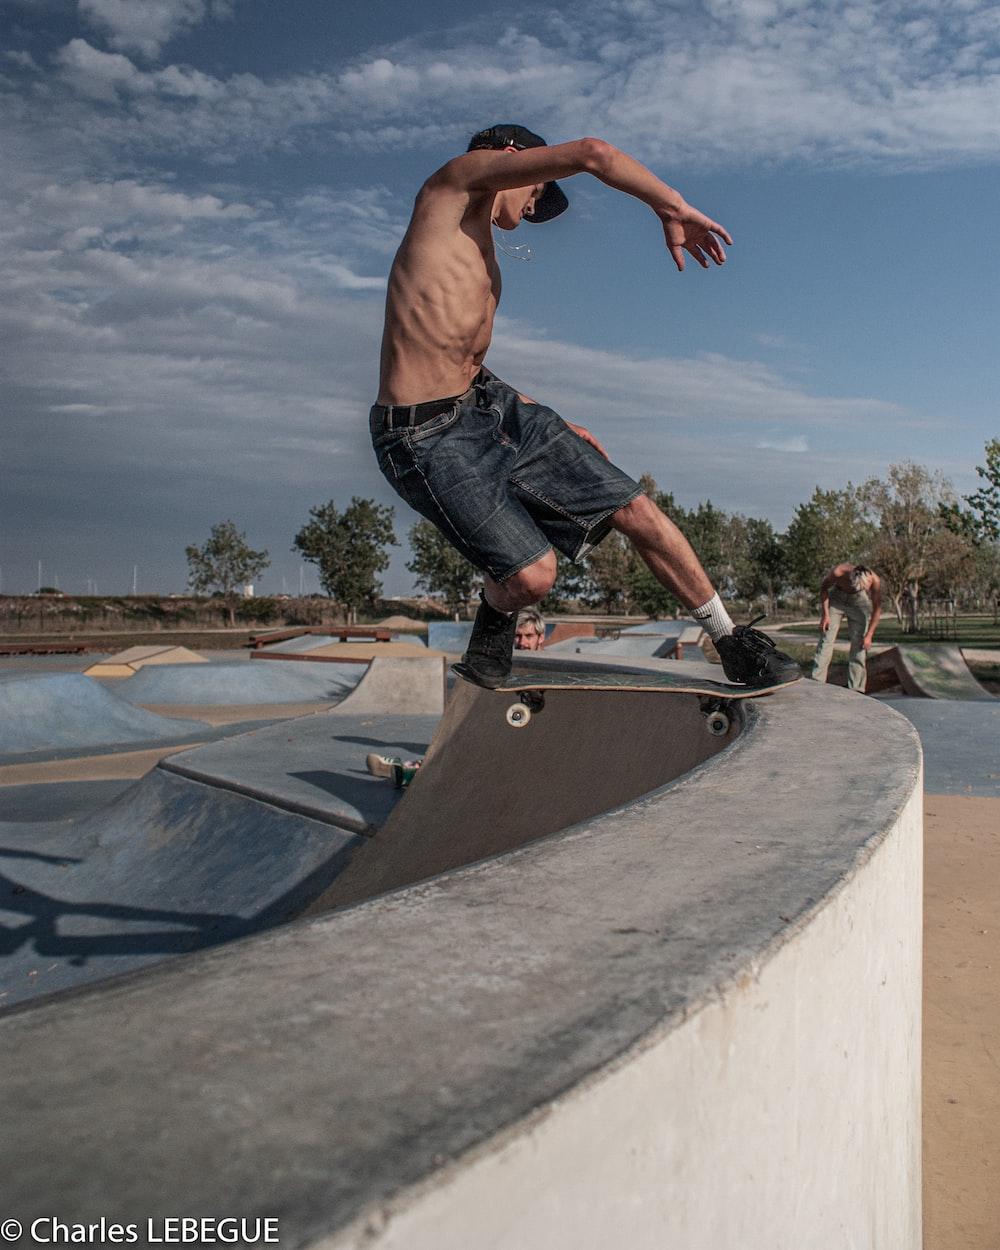 man in black shorts doing skateboard stunts on skateboard ramp during daytime